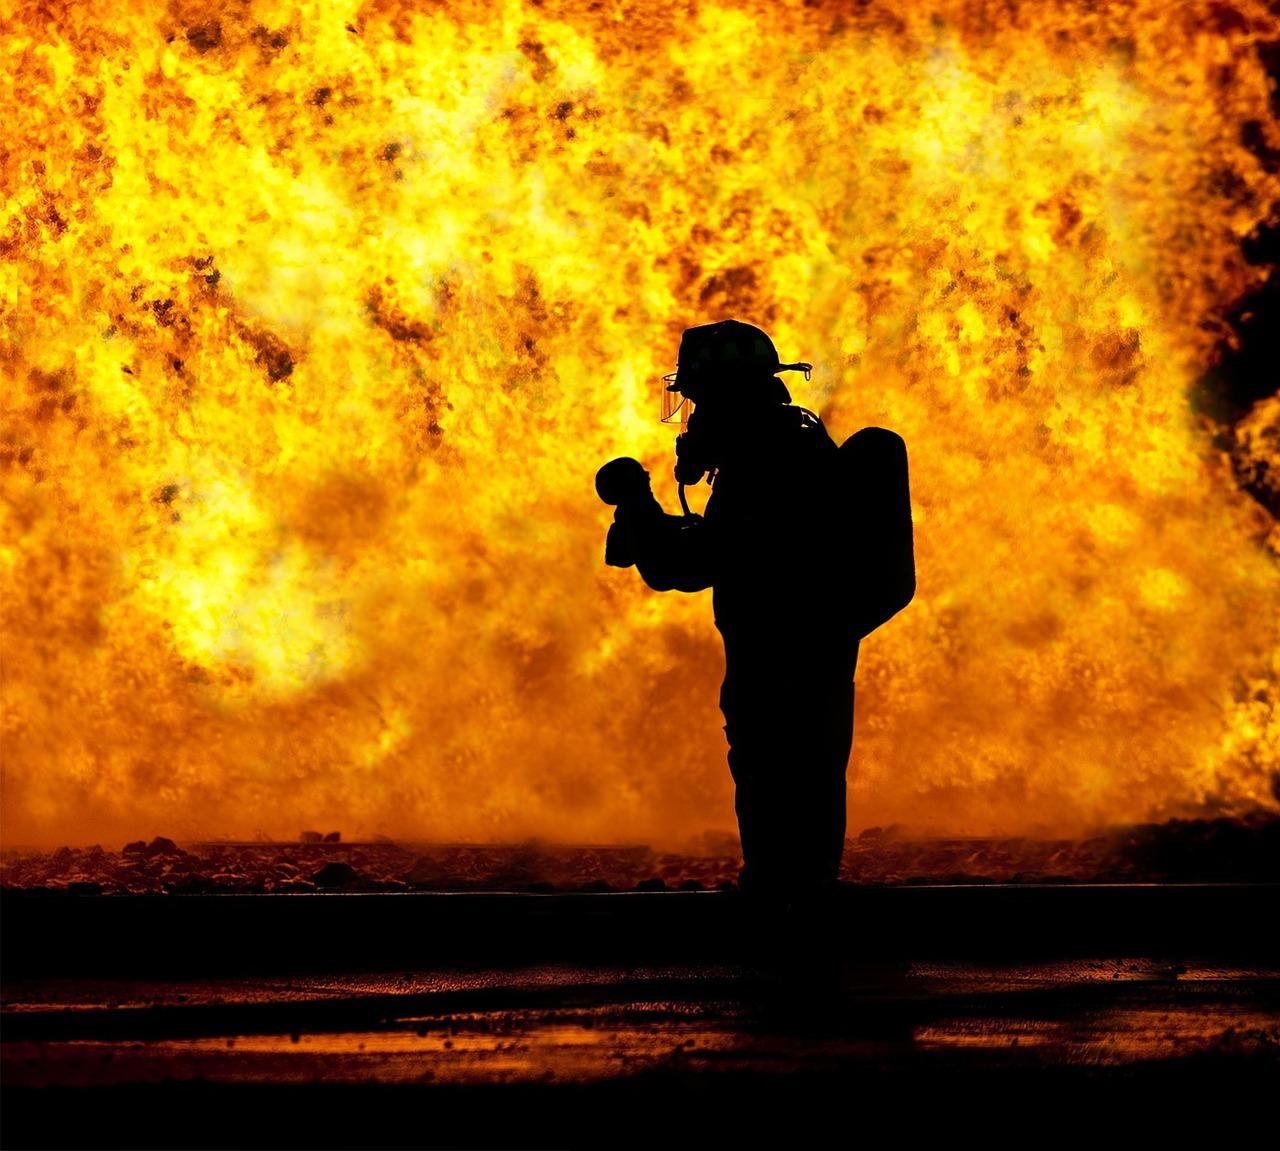 Alarme anti-incendie : Tout ce qu'il faut savoir sur les détecteurs de fumée